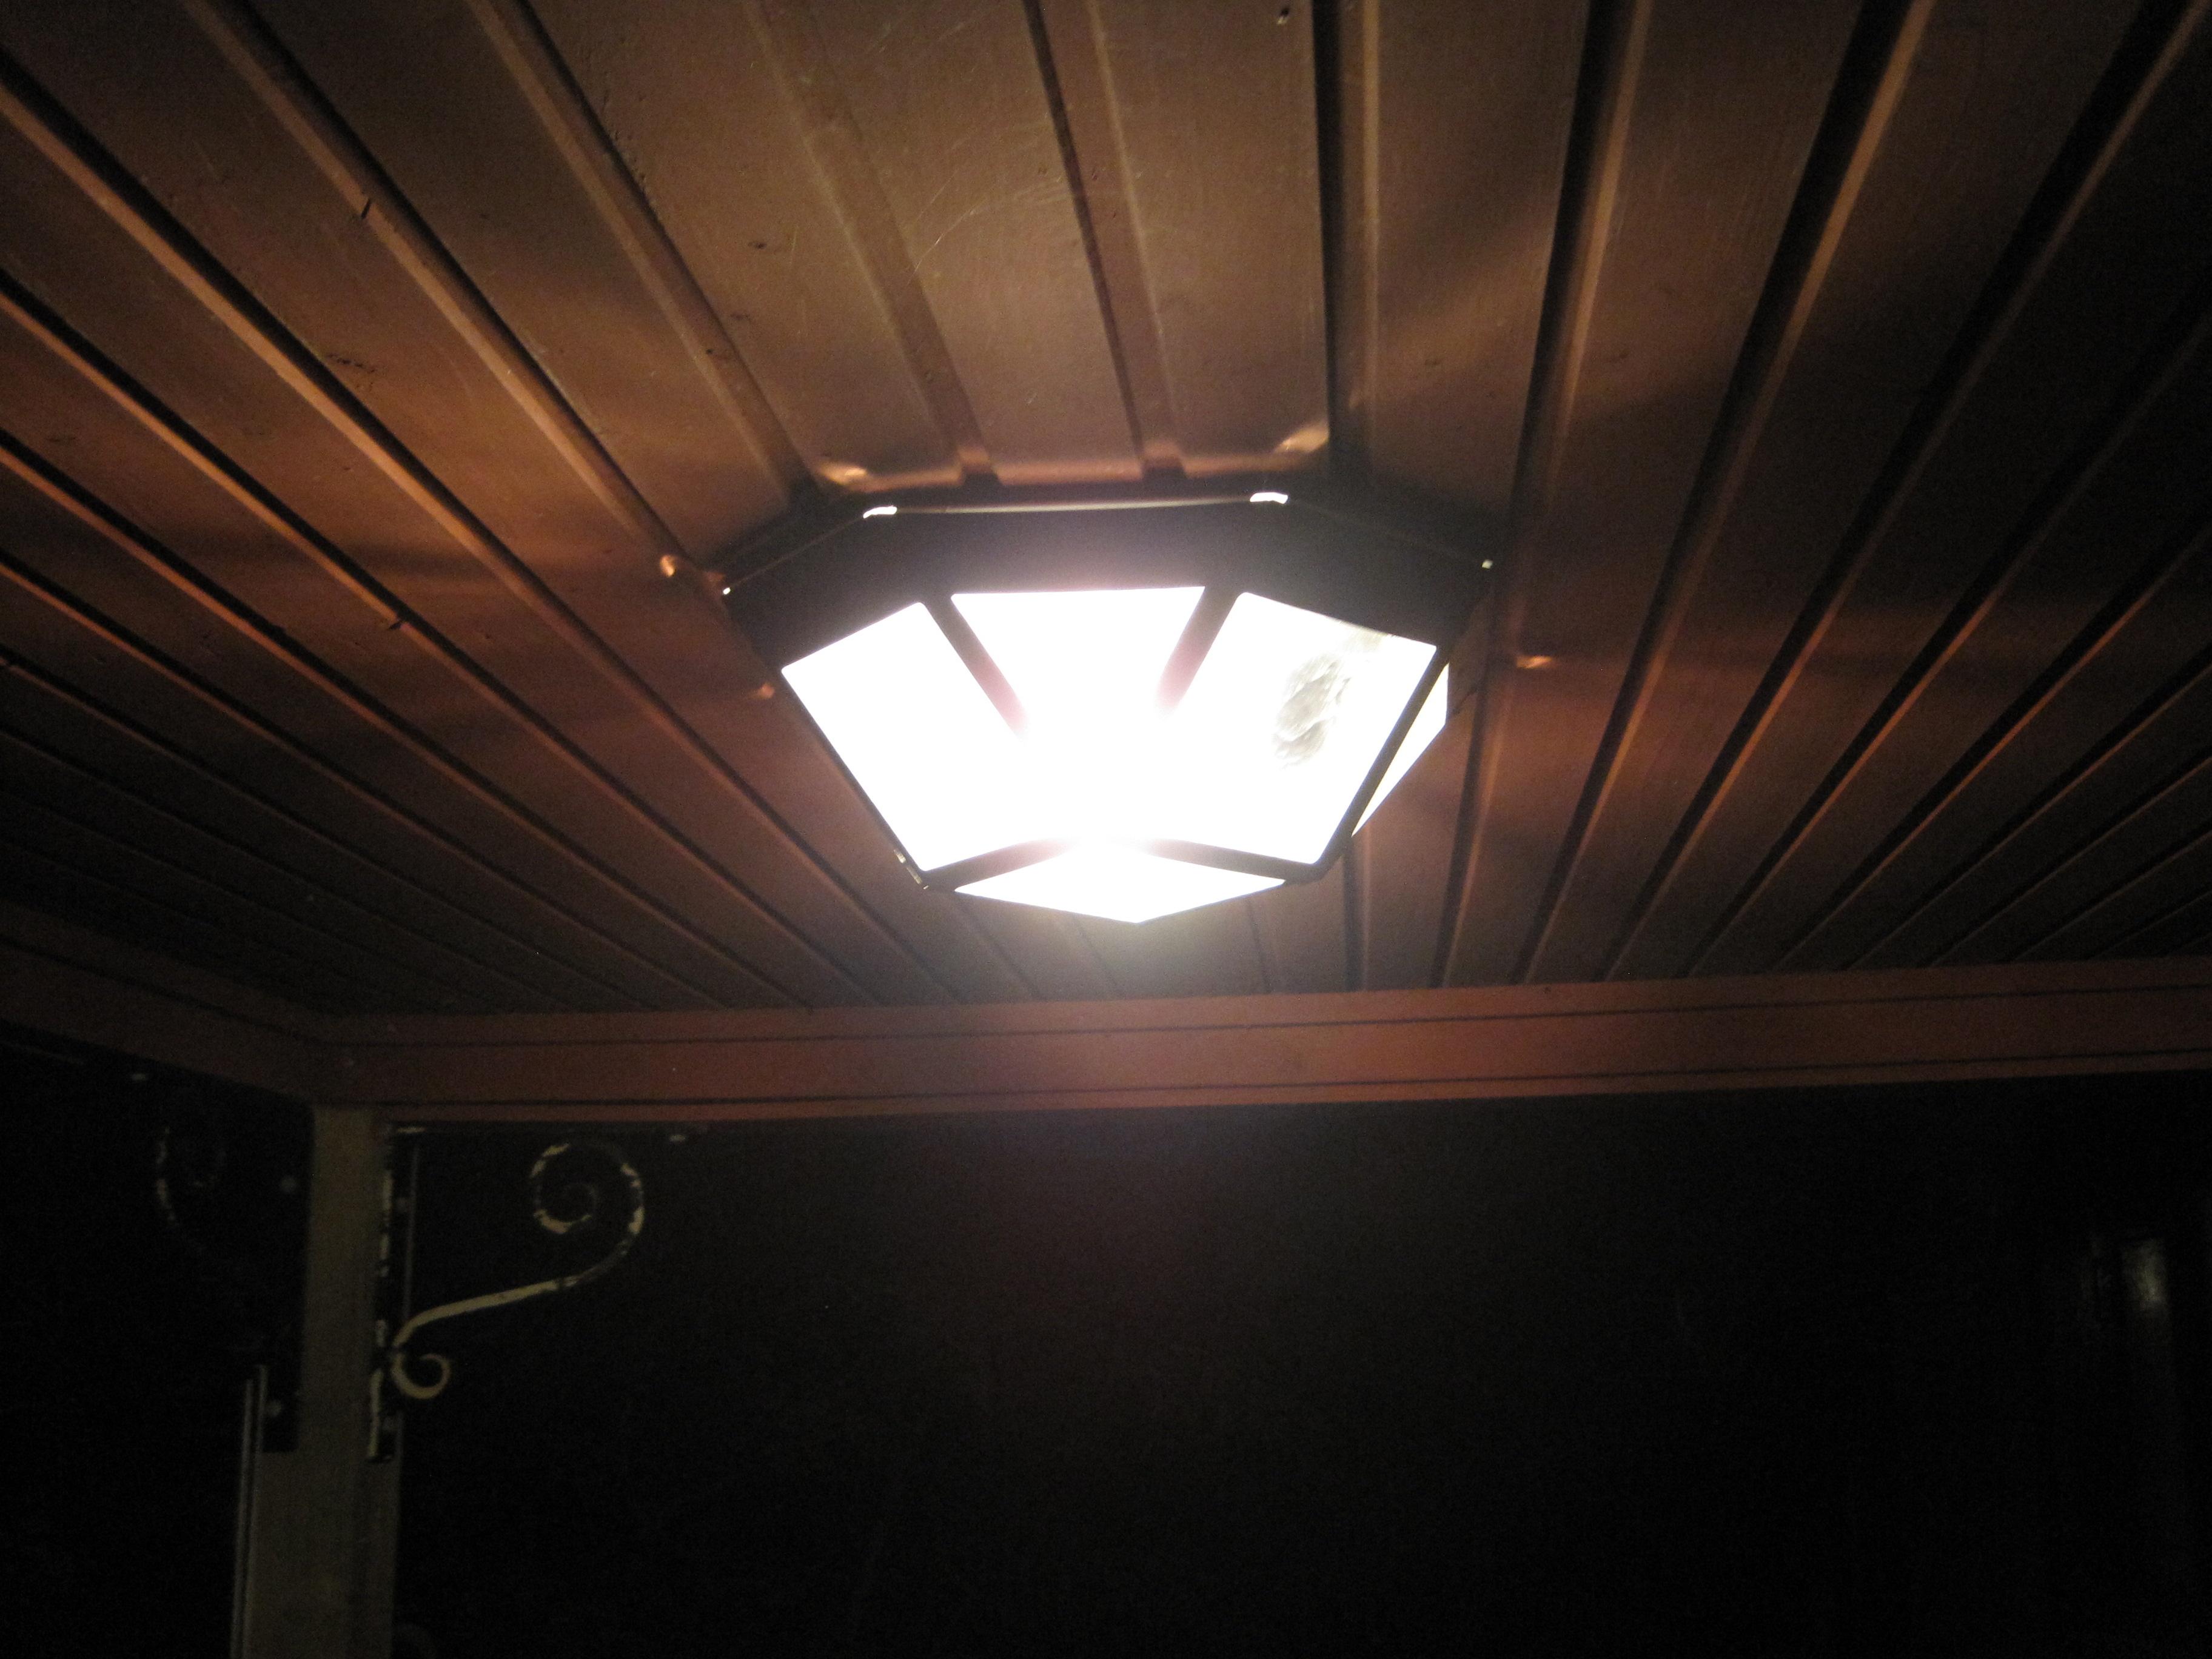 Outdoor porch lamp -  Outdoor Porch Lamp Outside Lamps Photo 5